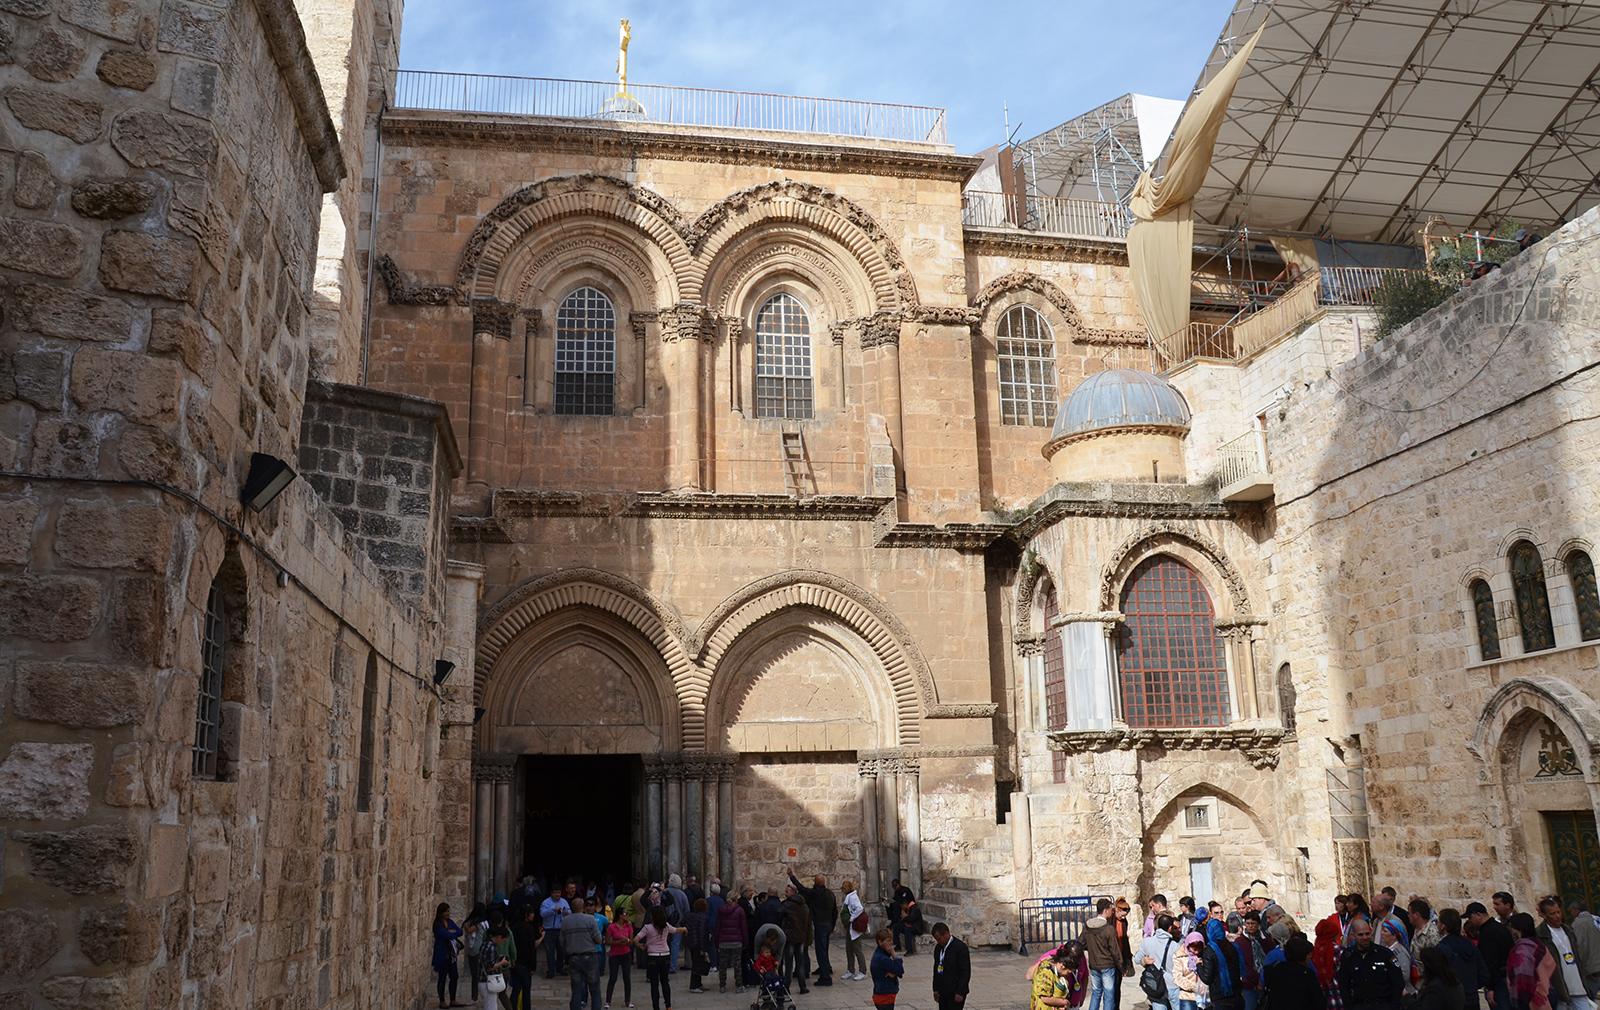 vchod do Chrámu Božího hrobu, Jeruzalém, Izrael